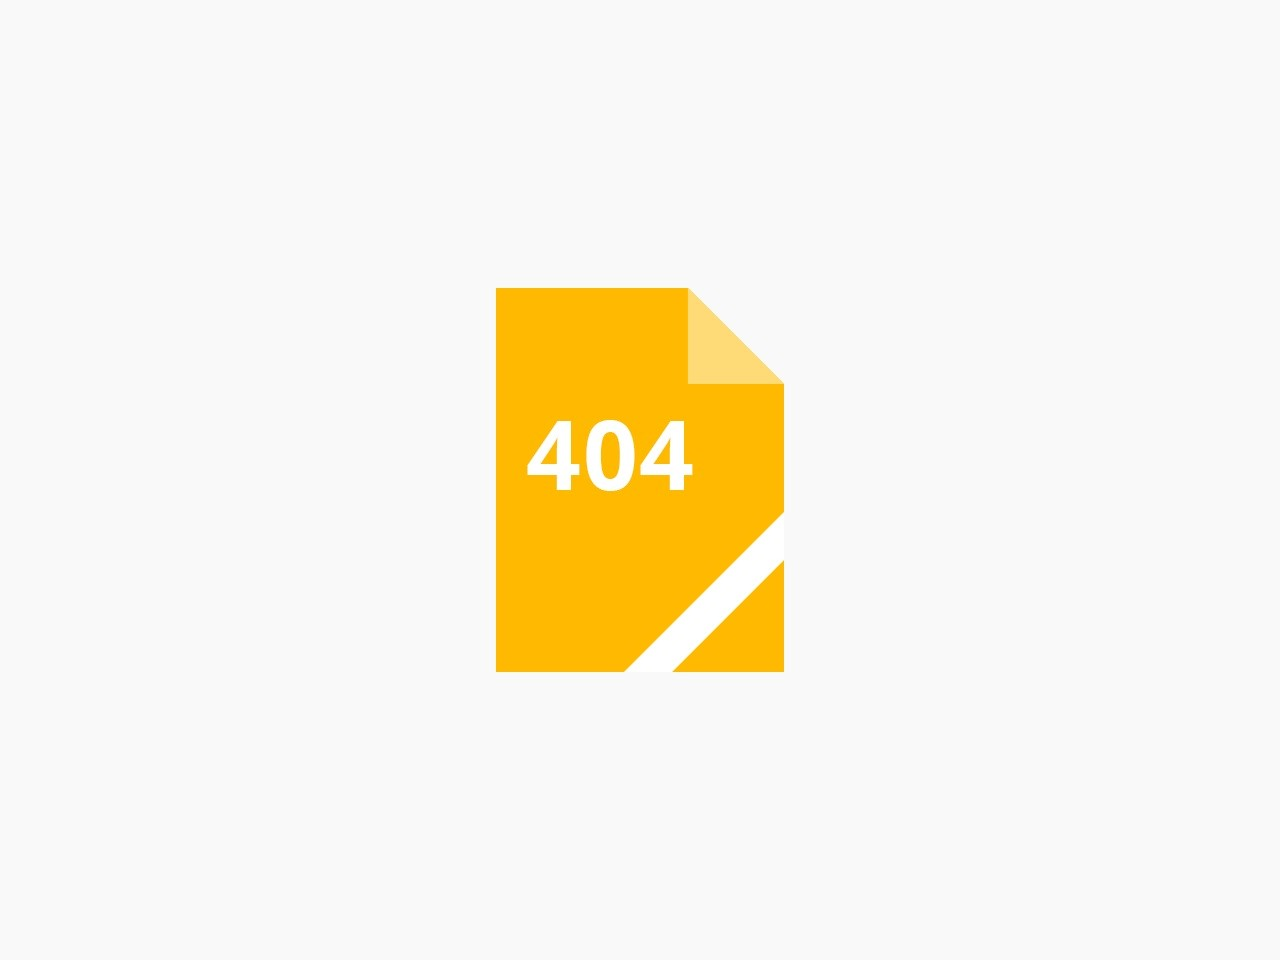 58408手游网